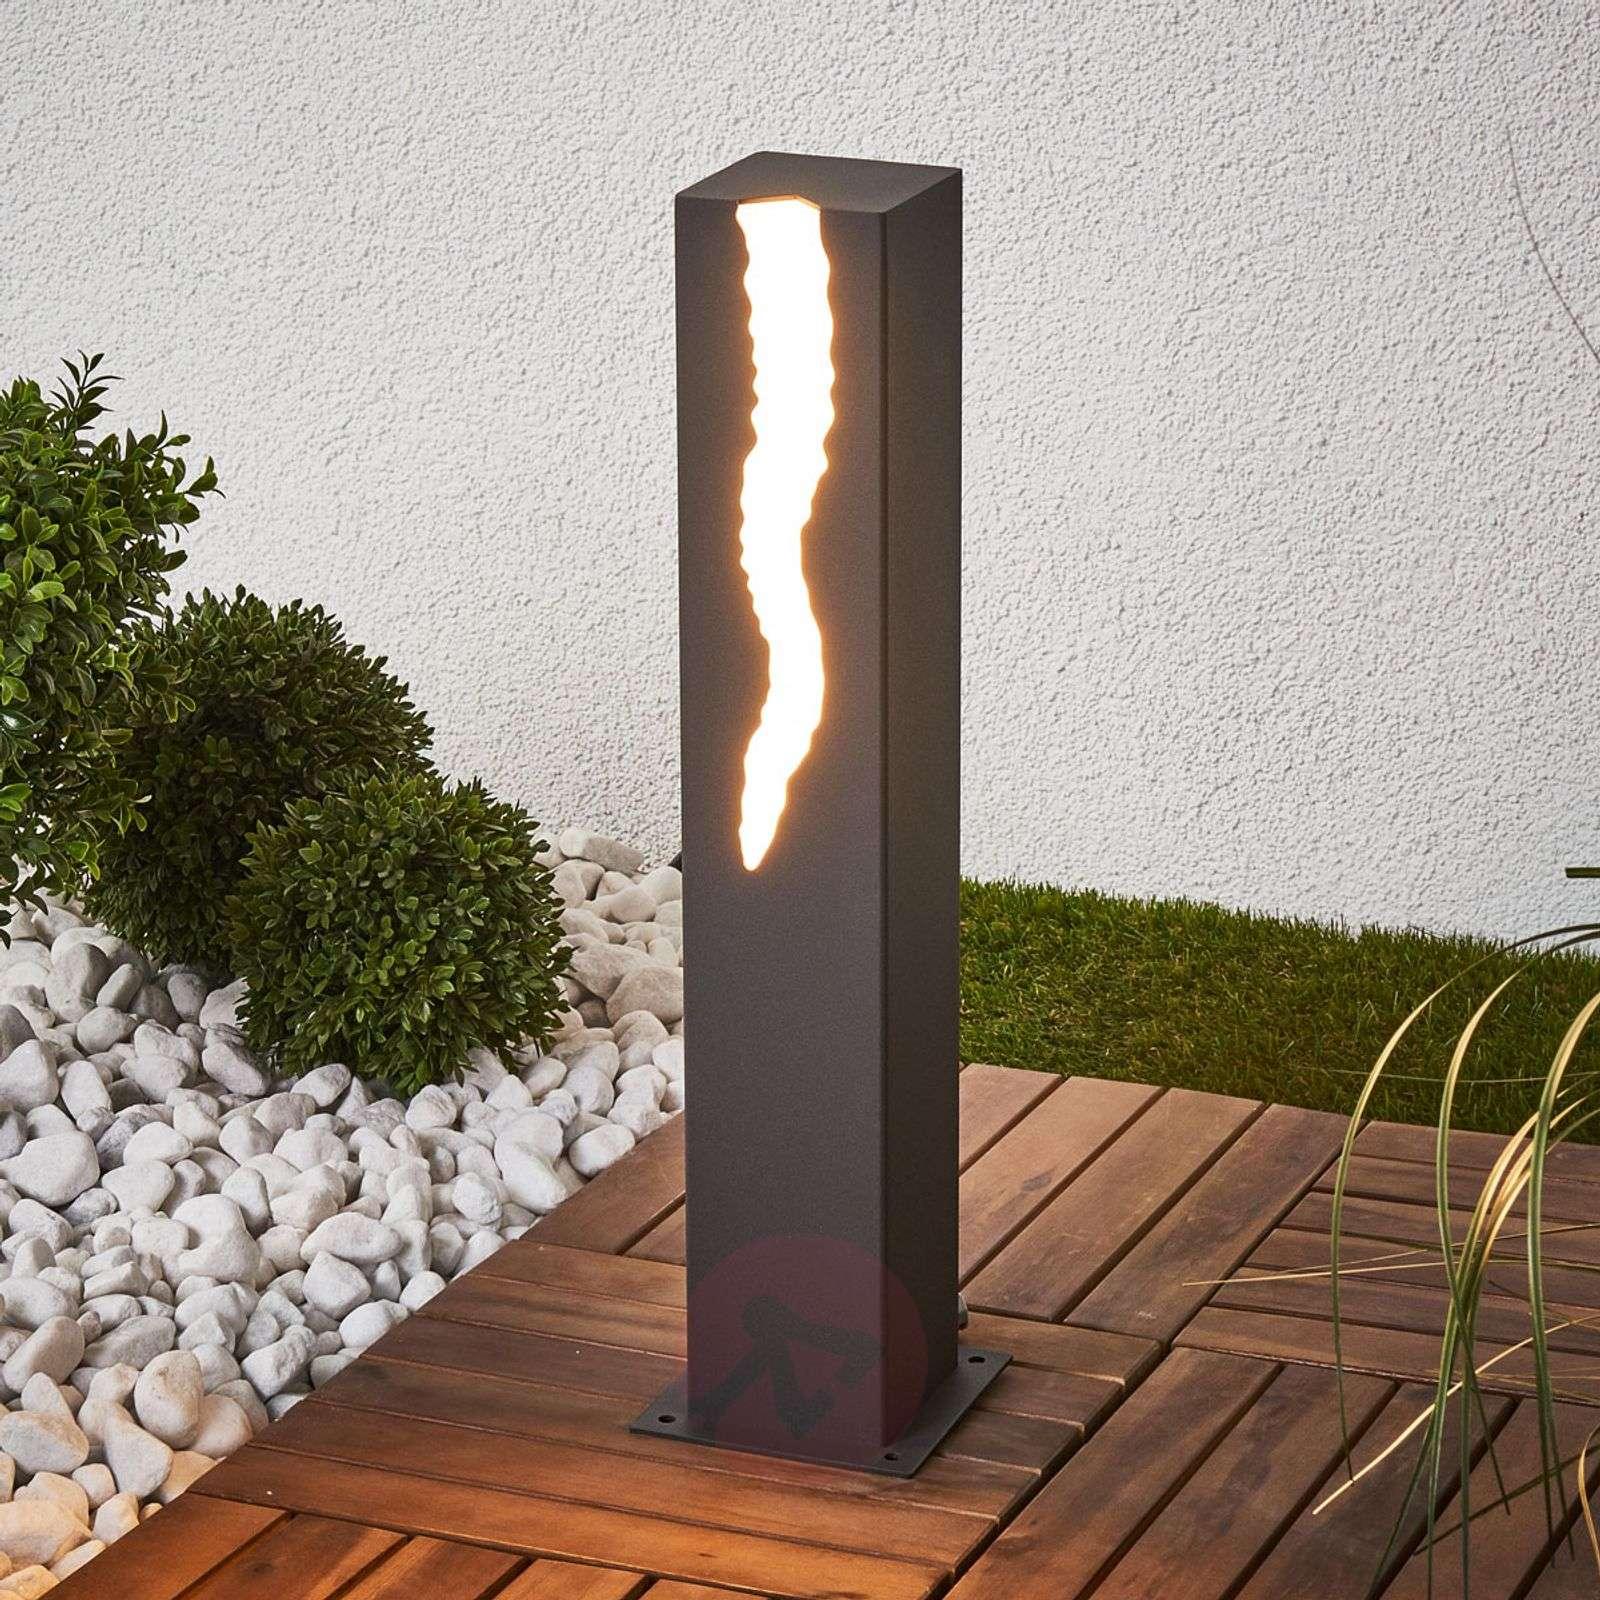 El Rayo-LED-pollarivalaisin, valaisu 1 puolelta-2500015-01